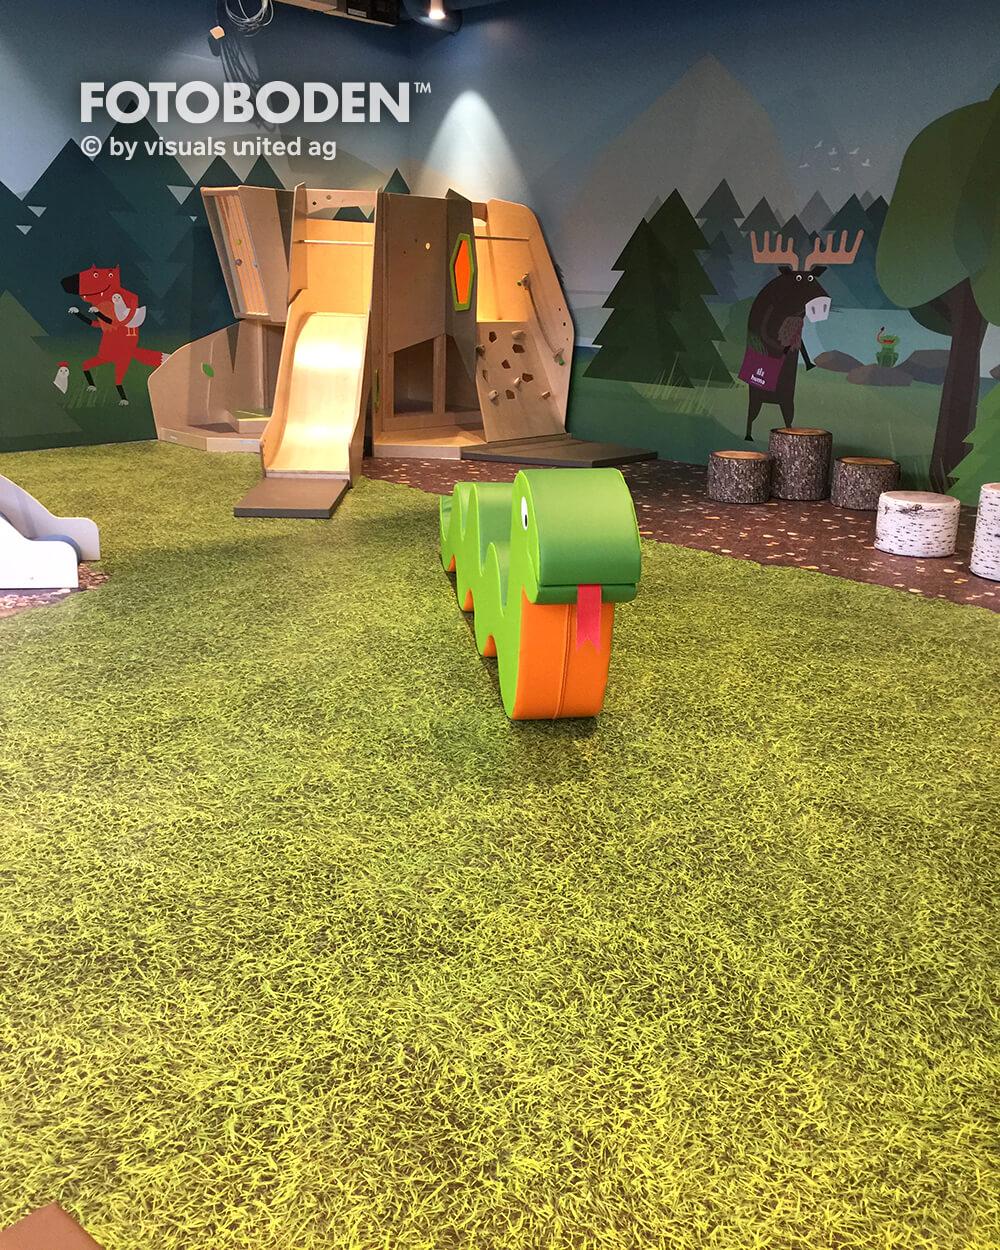 Indoor Kinderspielplatz FOTOBODEN™ Flooring